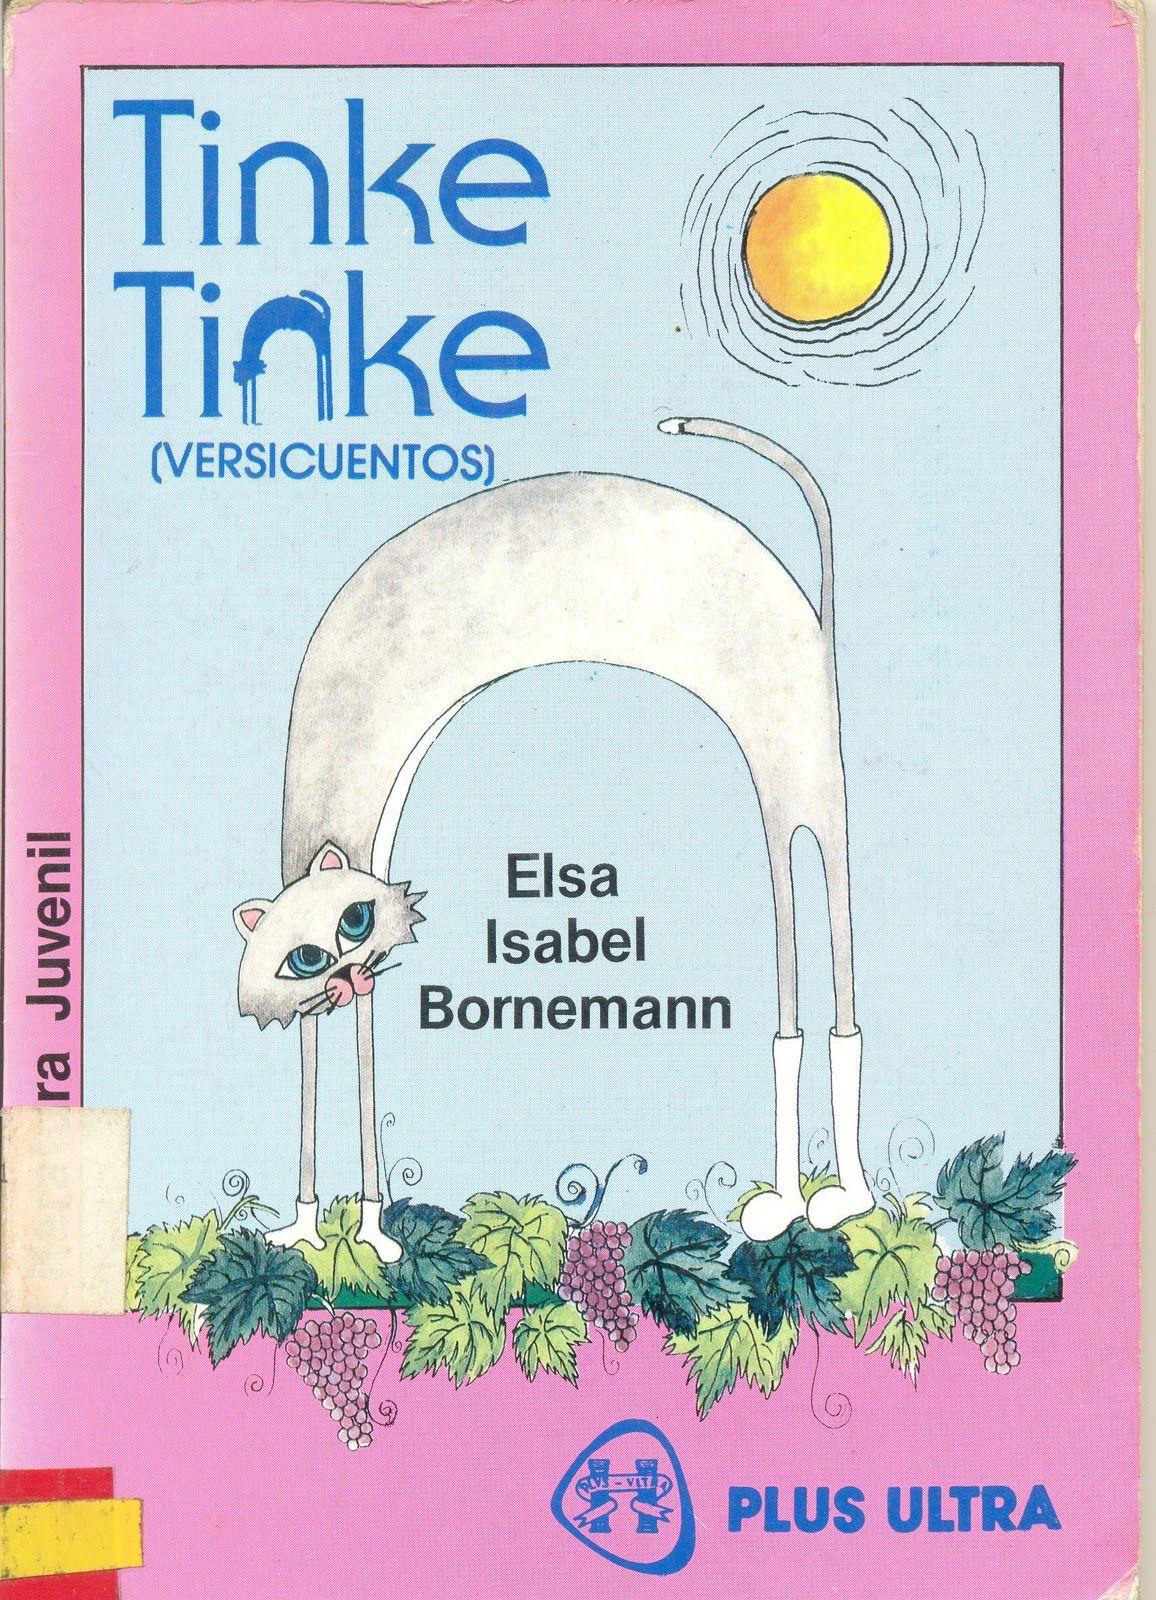 El clásico de mi niñez. Los mejores versicuentos para niños. Elsa Bornemann - Tinke Tinke